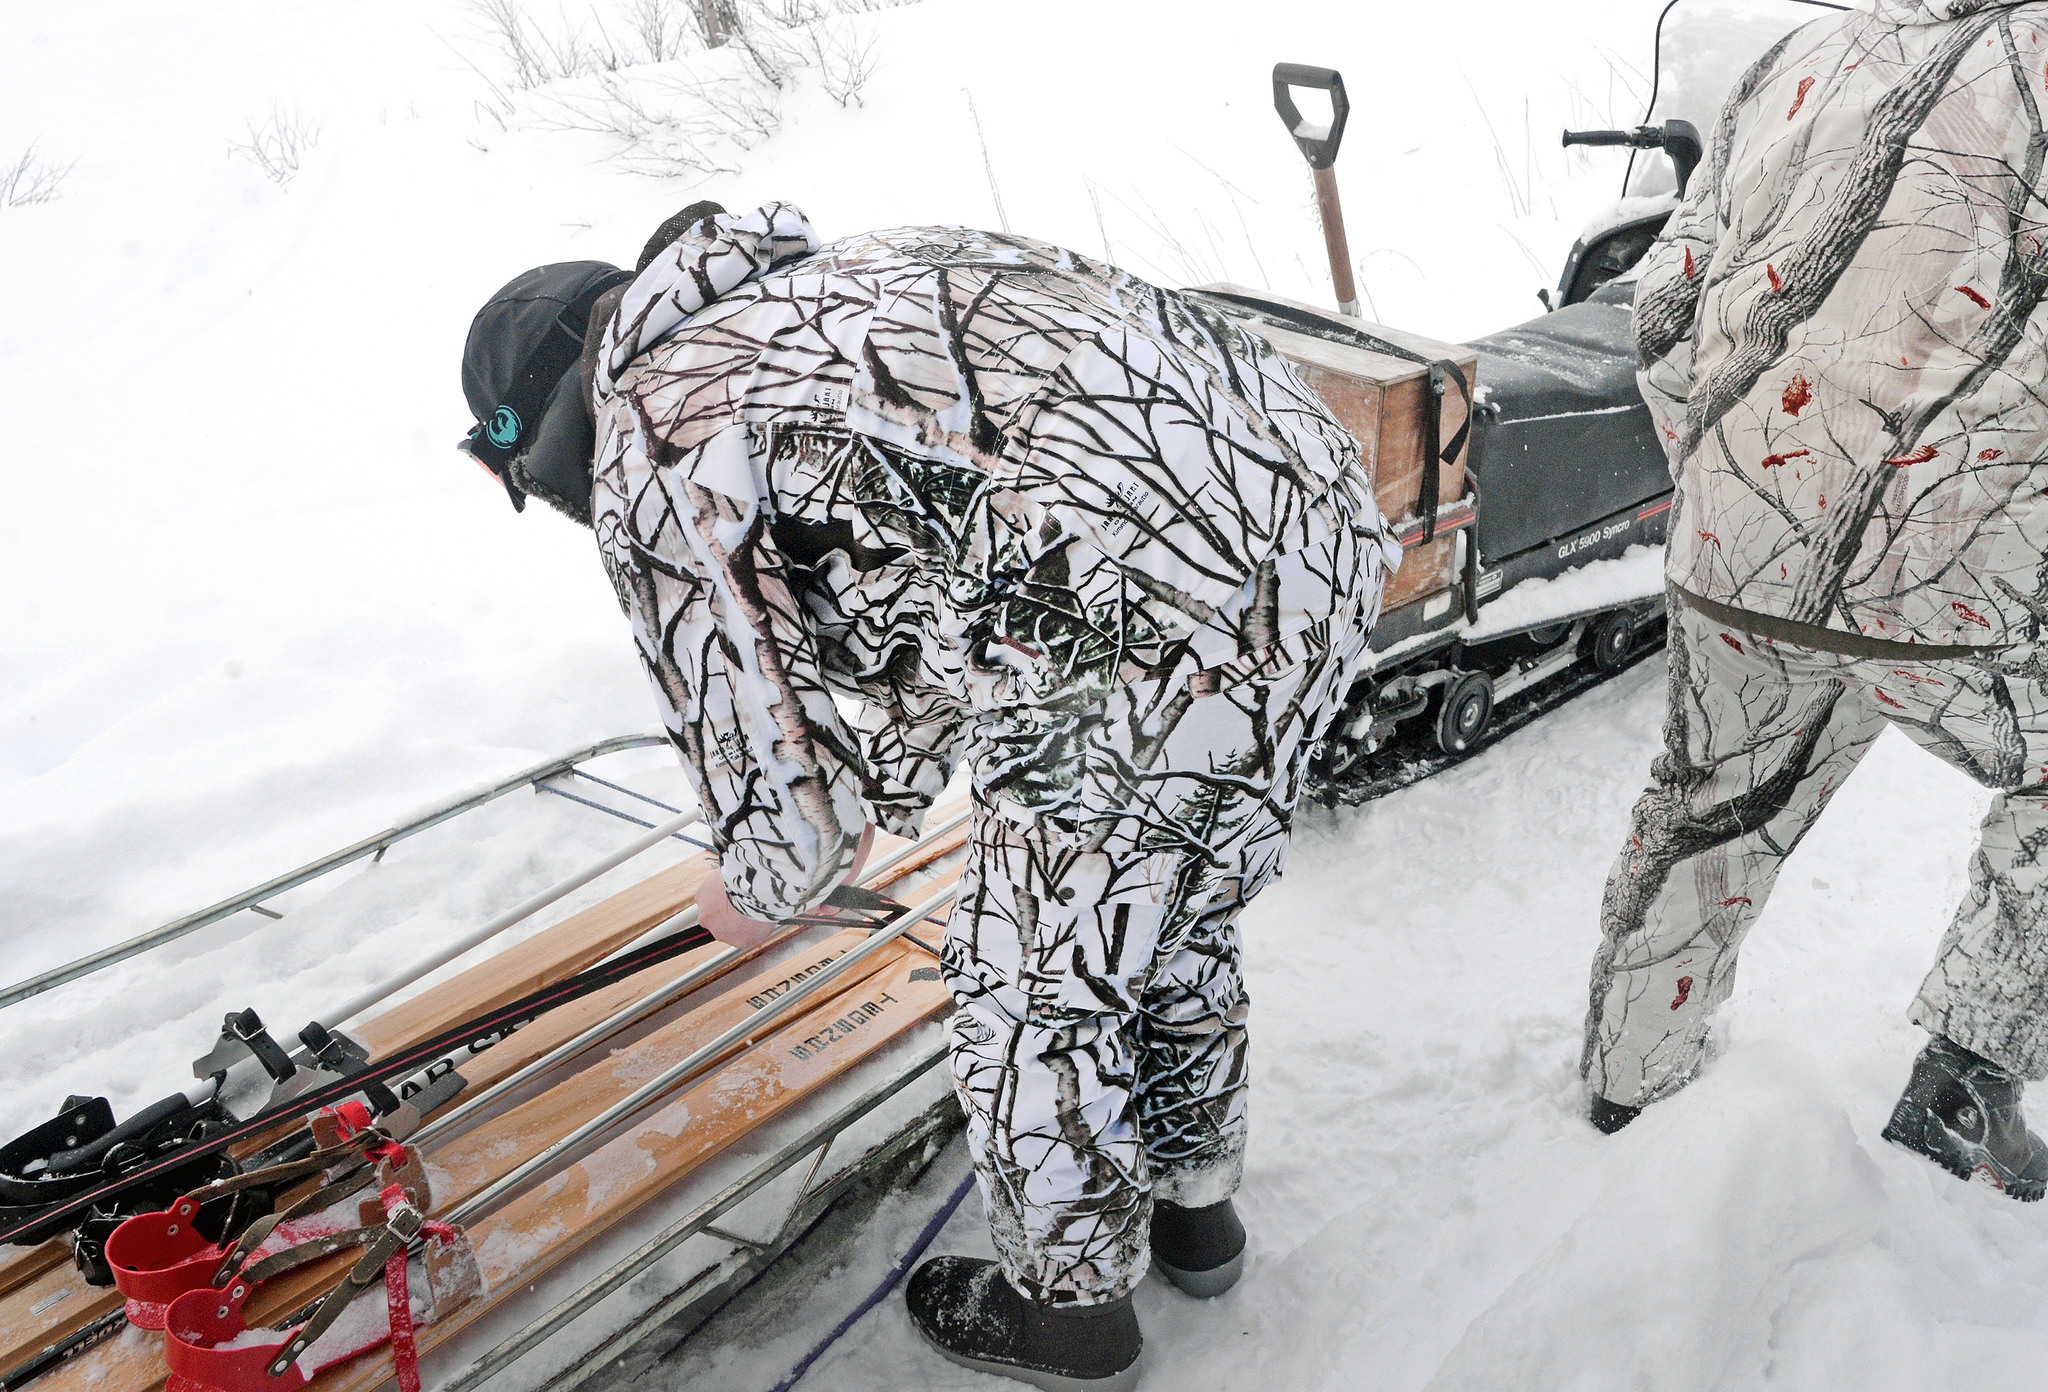 Styrelsen för Jägareförbundet i Norrbotten vill ha tydligare regler runt bland annat användningen av skoter i samband med jaktutövning. Foto: Lars-Henrik Andersson